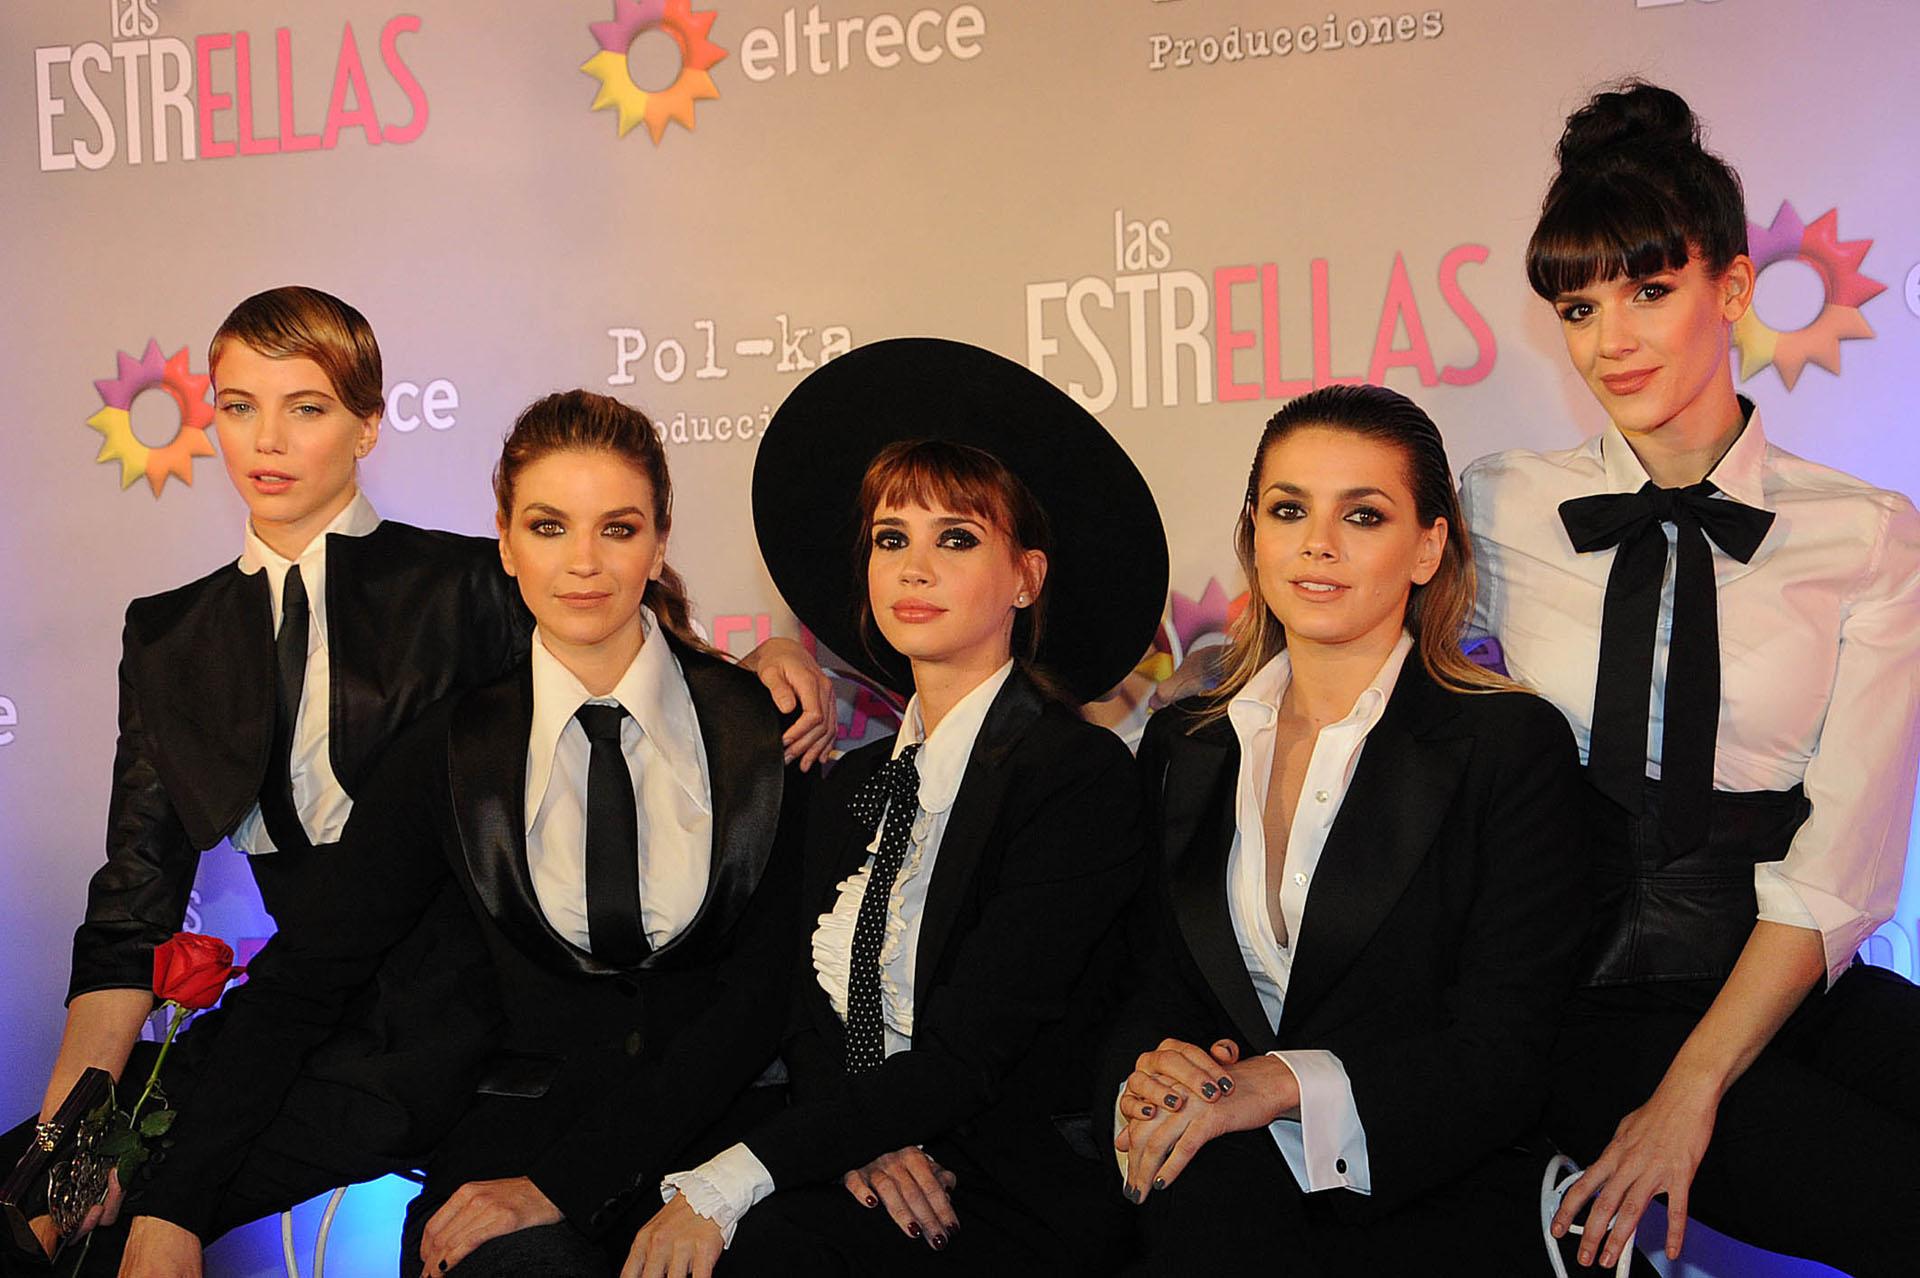 Justina Bustos, Marcela Kloosterboer, Celeste Cid, Natalie Pérez y Violeta Urtizberea